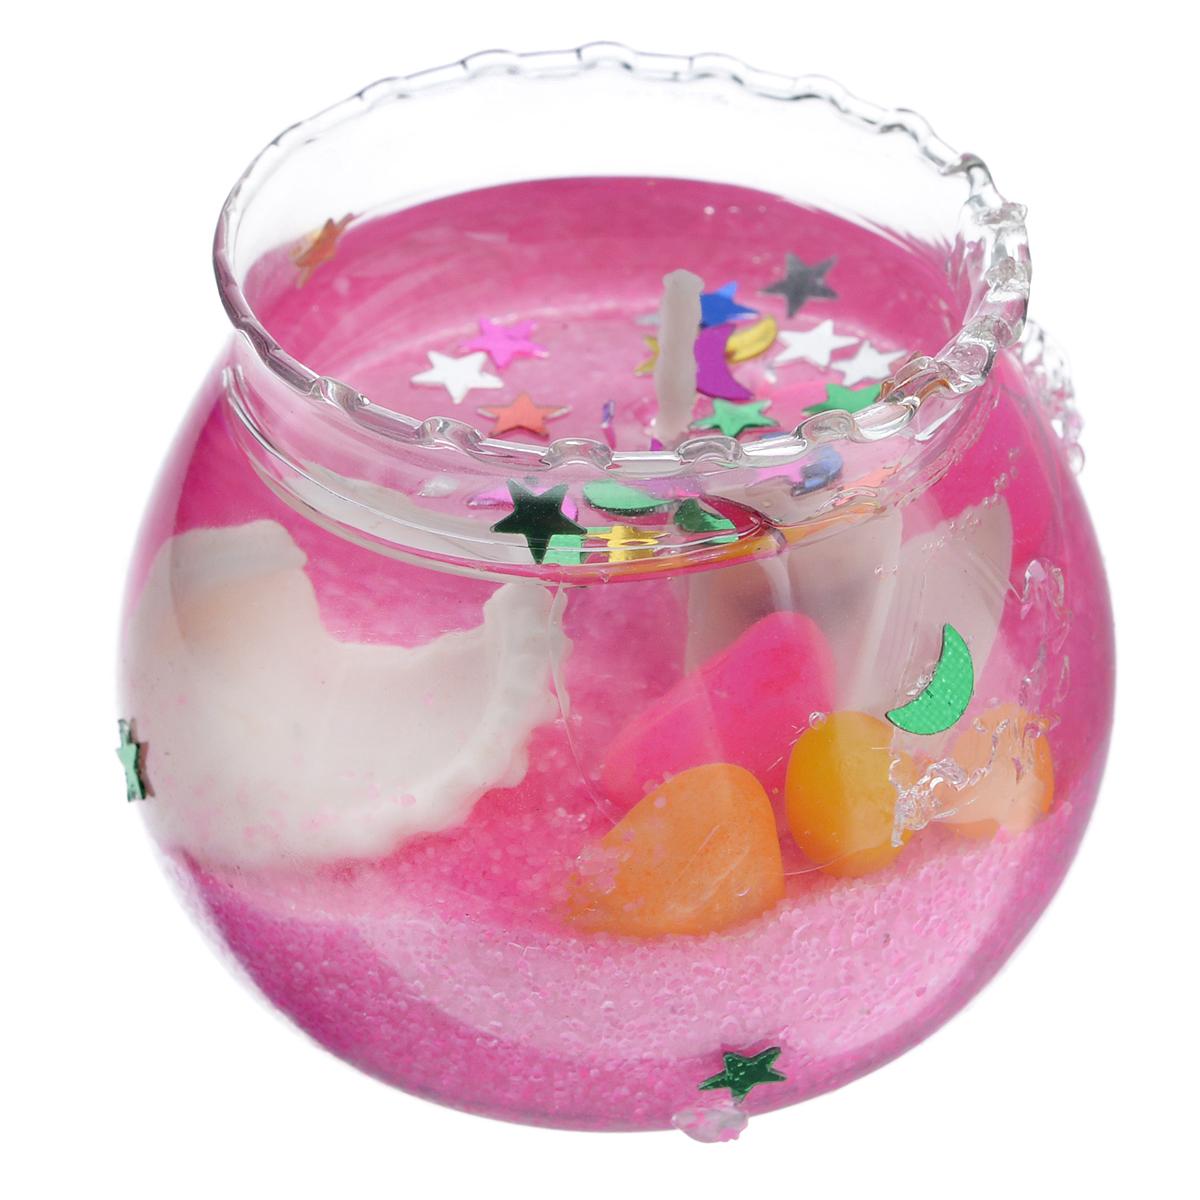 Свеча декоративная Sima-land Вазочка, цвет: розовый, высота 3,5 см182350Декоративная свеча Sima-land Вазочка изготовлена из геля и расположена в небольшой стеклянной емкости, которая наполнена цветным песком и ракушками. Изделие порадует вас своим дизайном. Такая свеча может стать отличным подарком или дополнить интерьер вашей комнаты.